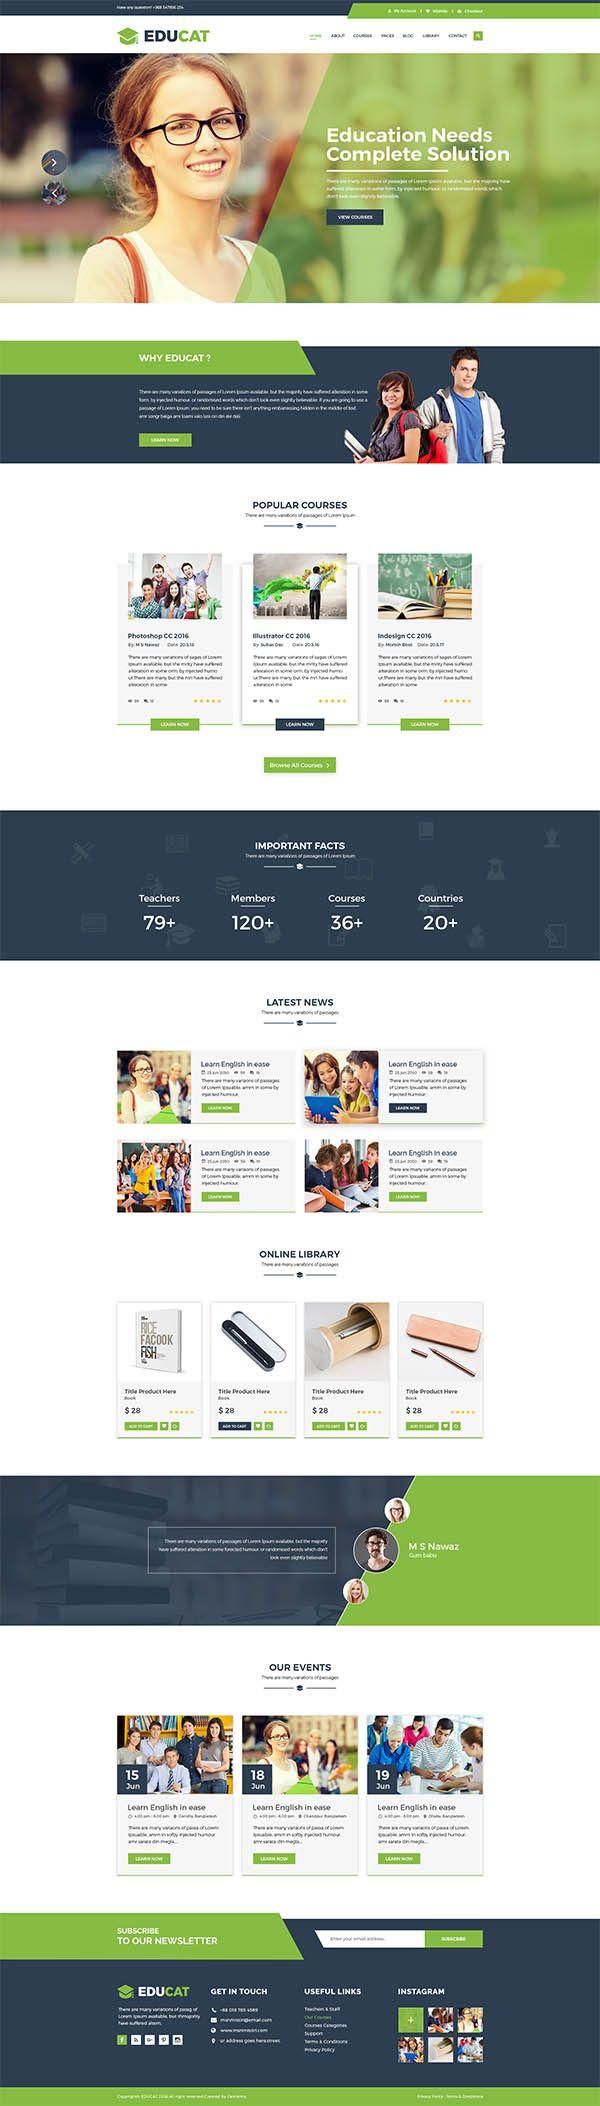 Educat - Education PSD Template | web page design | Pinterest ...